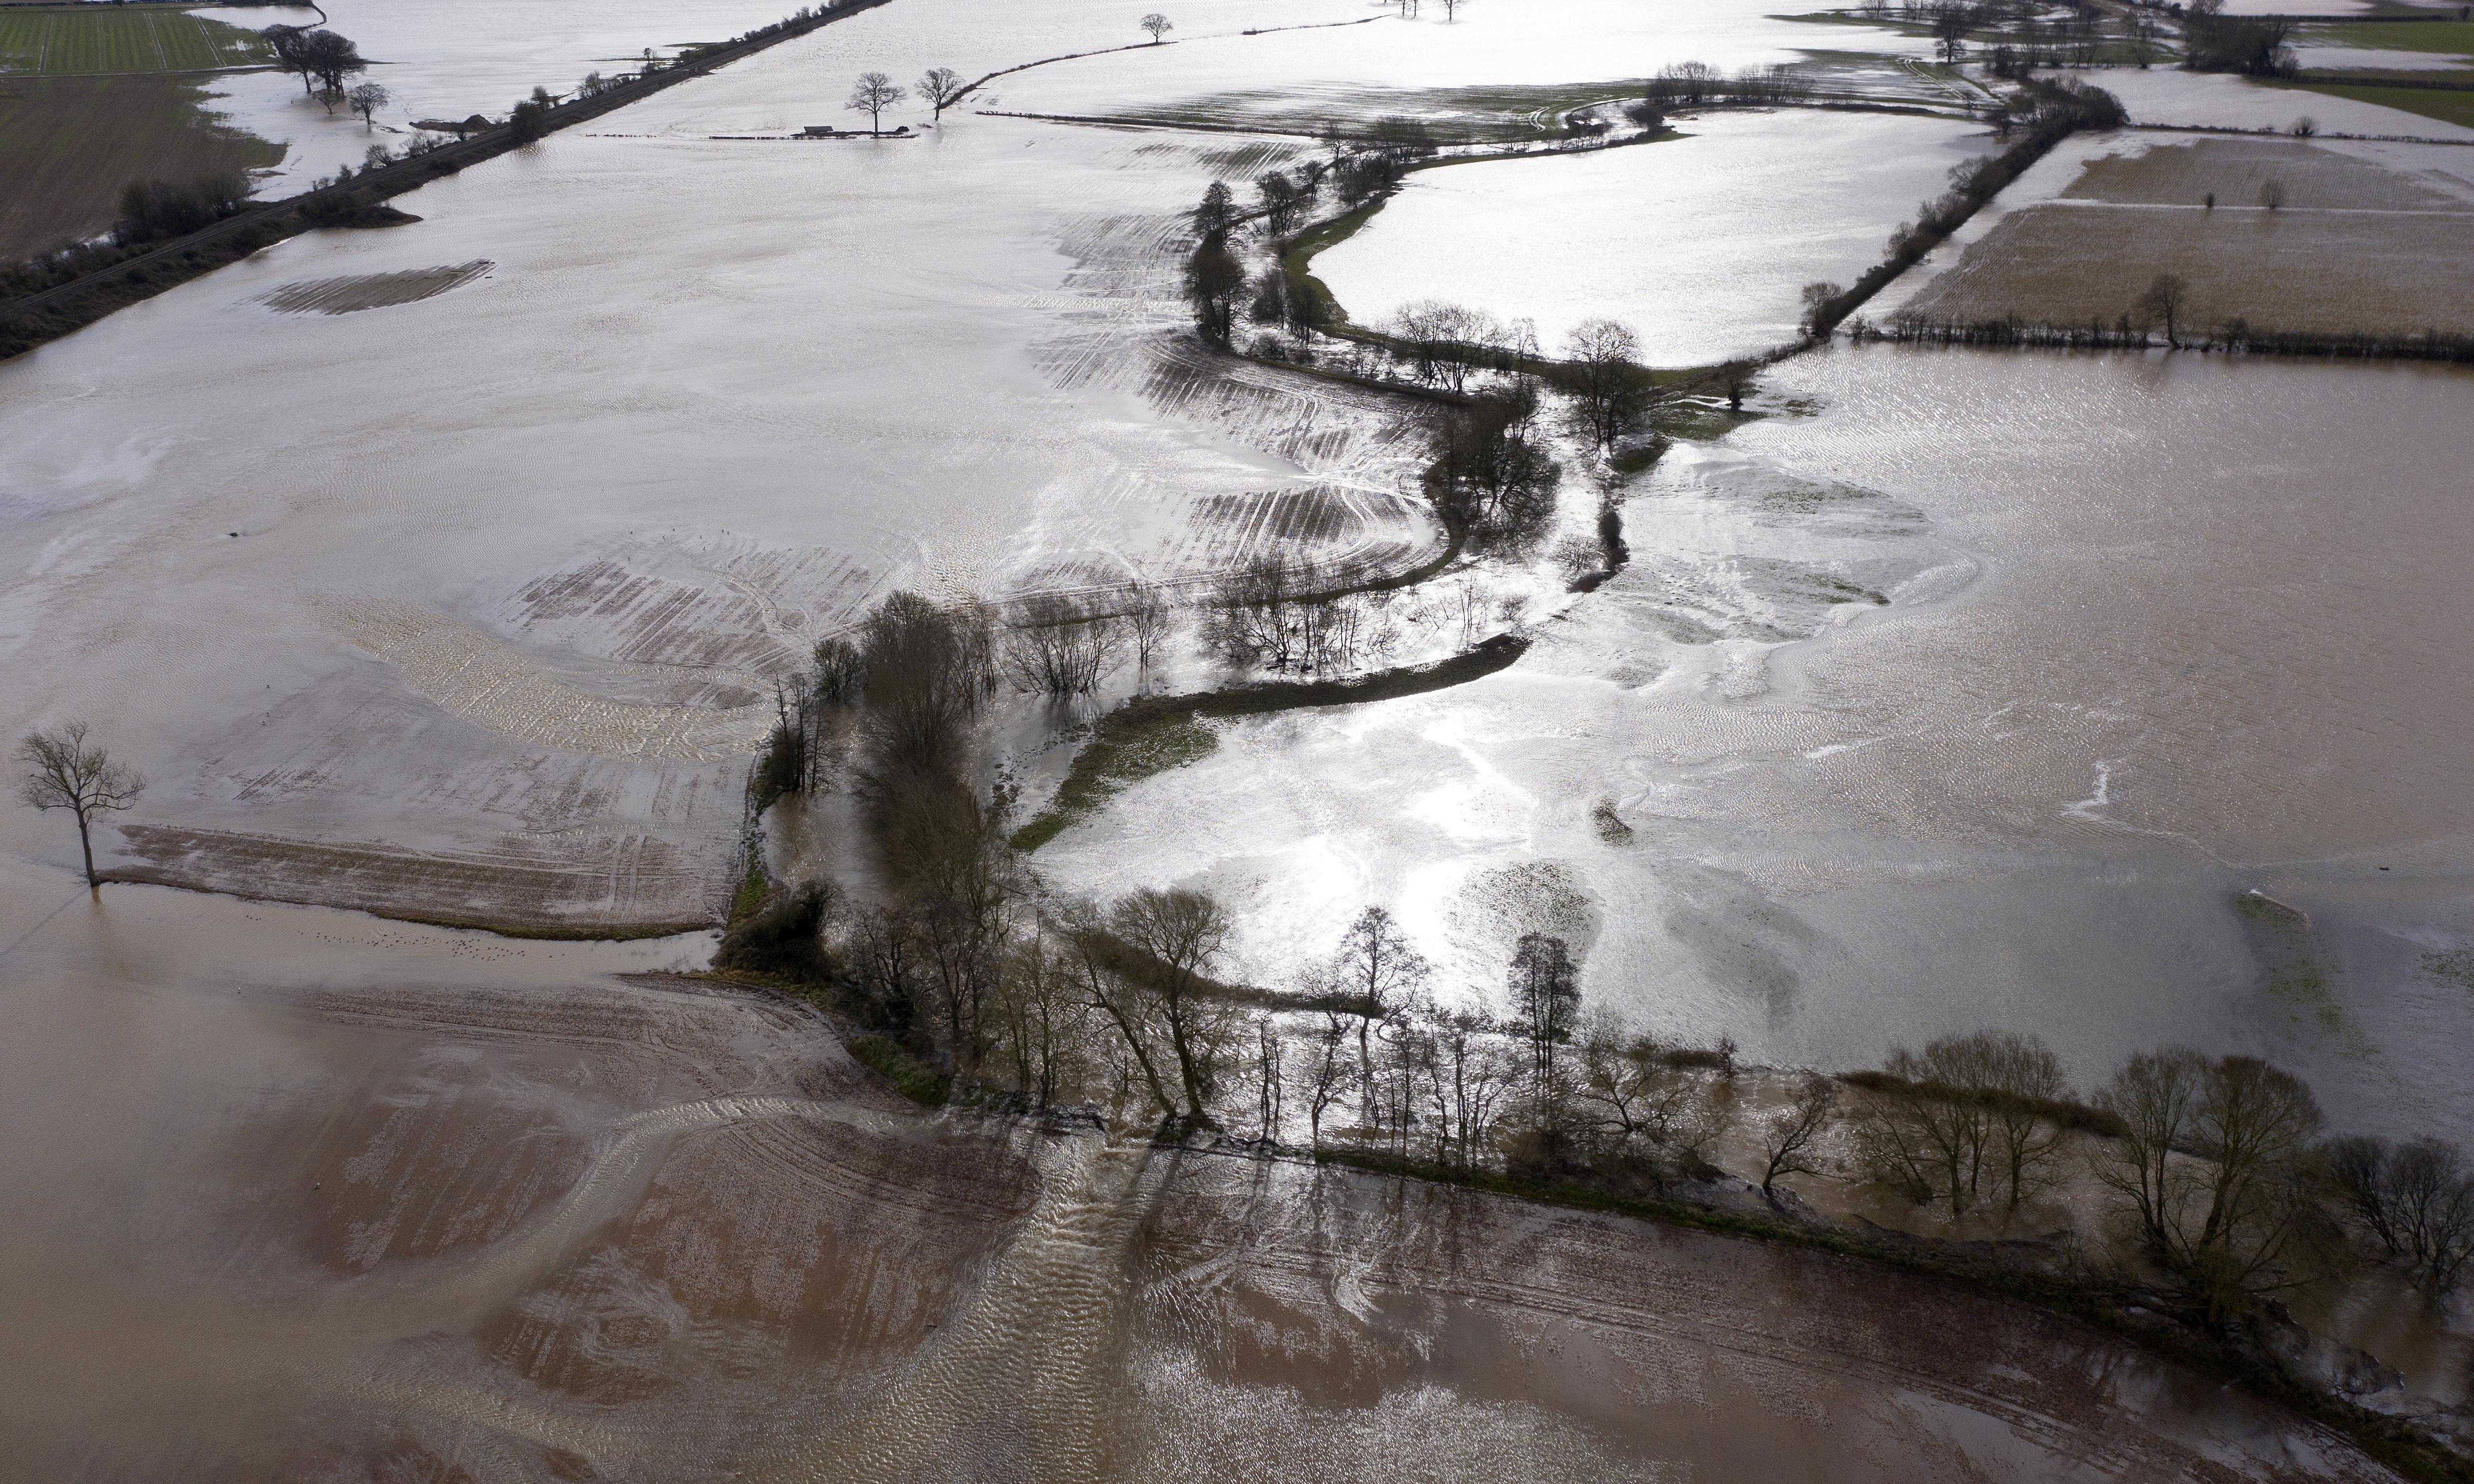 Storm Dennis: flood-hit communities brace for more heavy rain